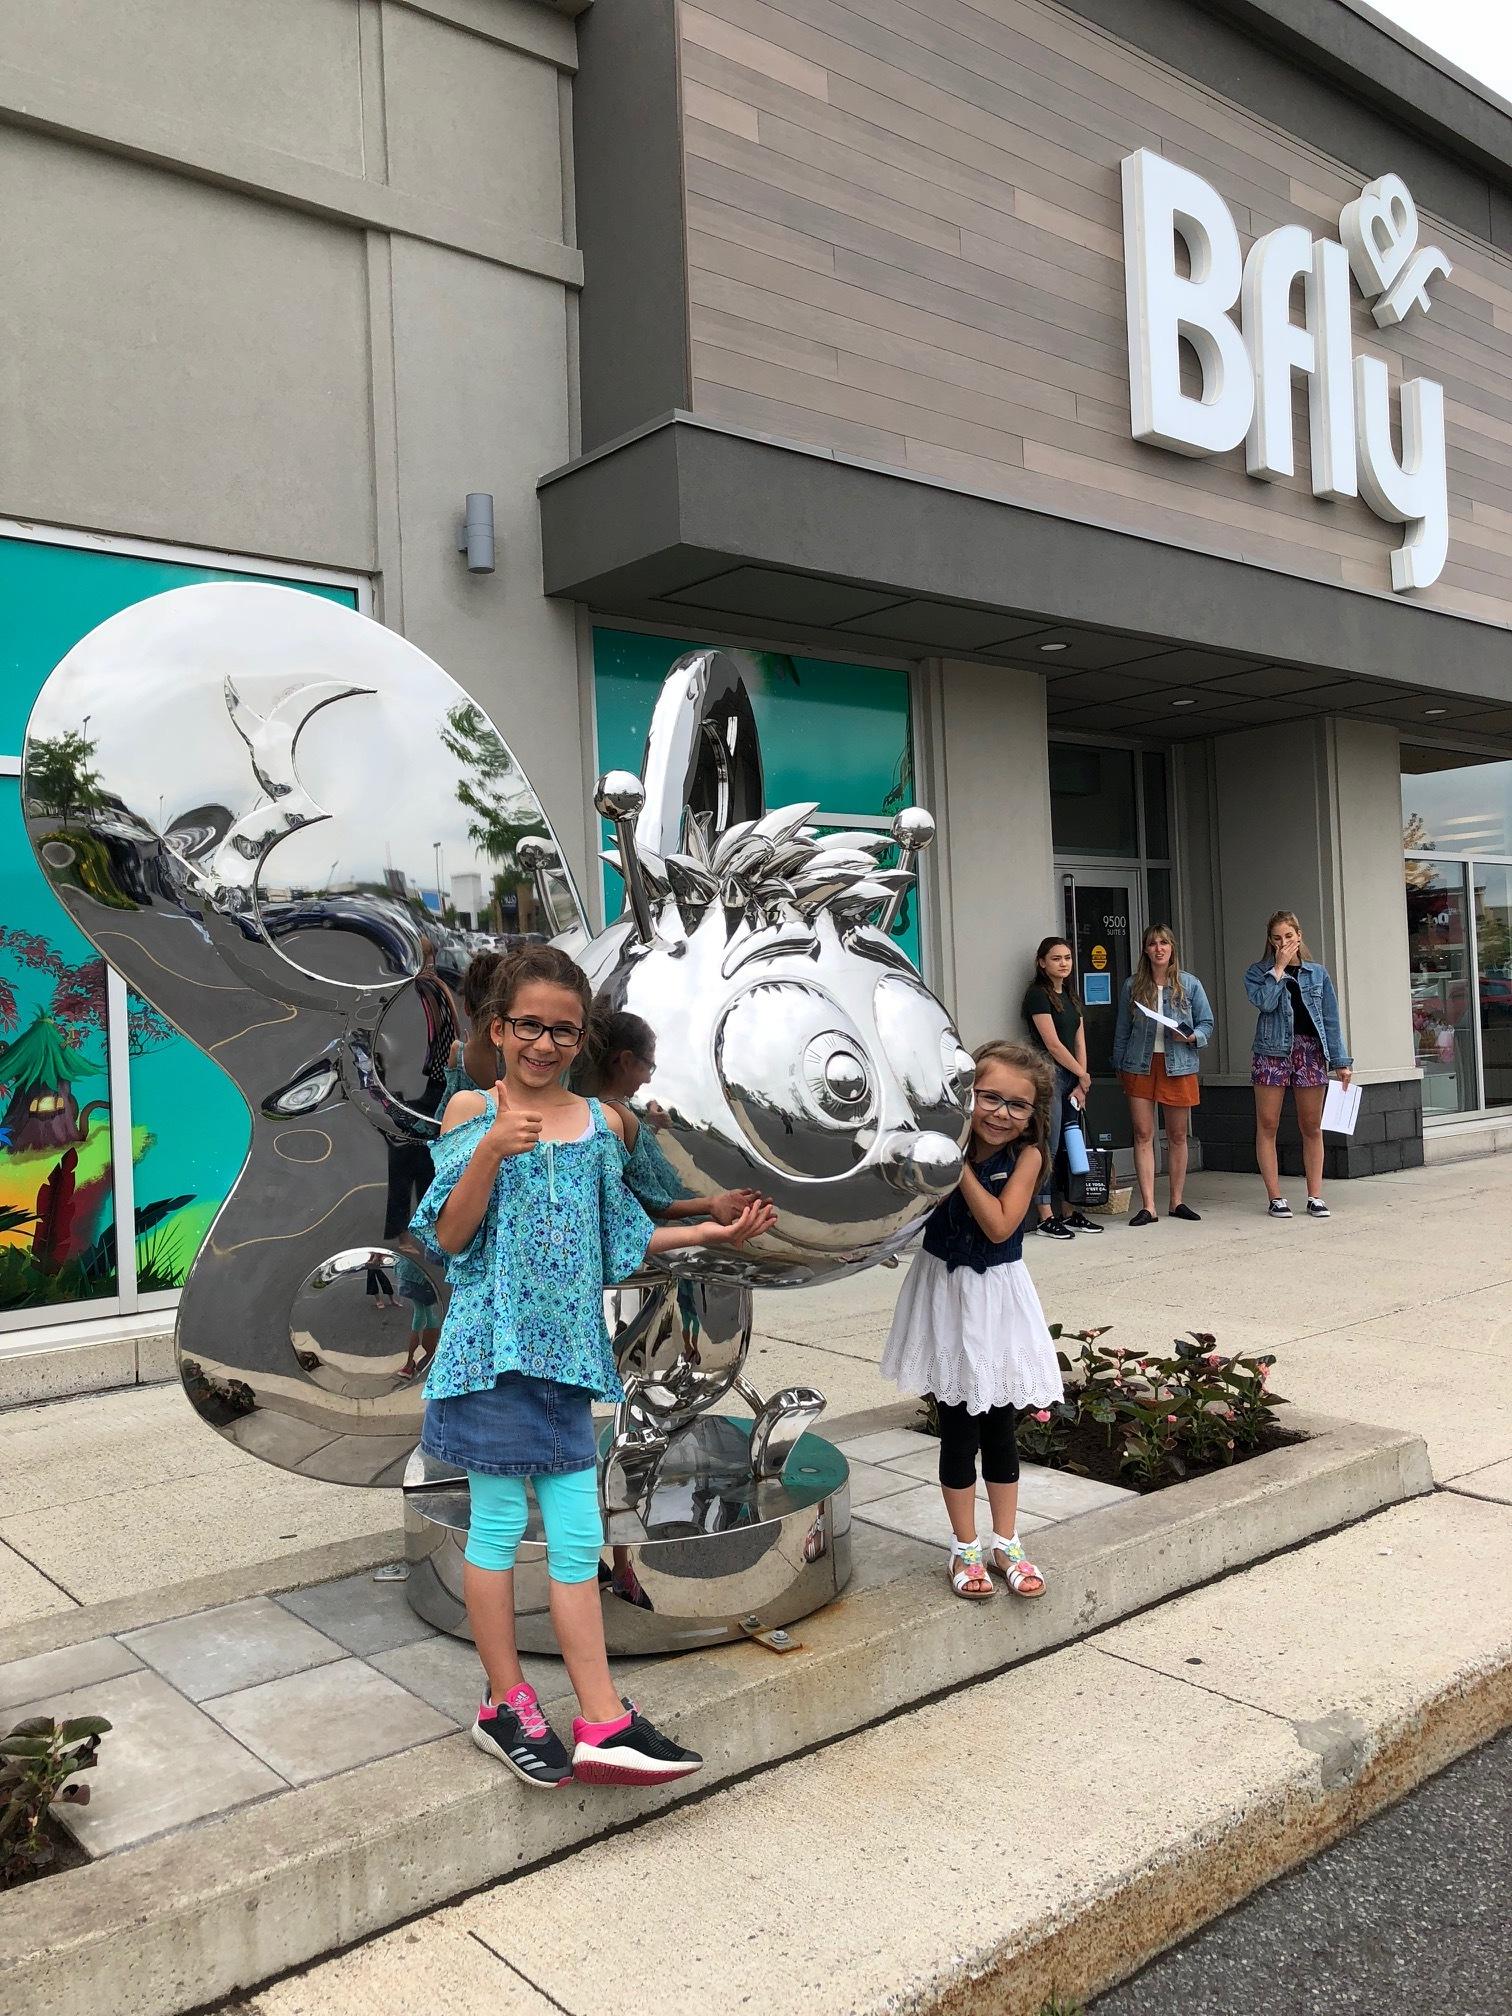 bFly-Dix30-activité en famille-sortie en famille-enfants-papillons-quoi faire avec les enfants-visite de nuit-Je suis une maman